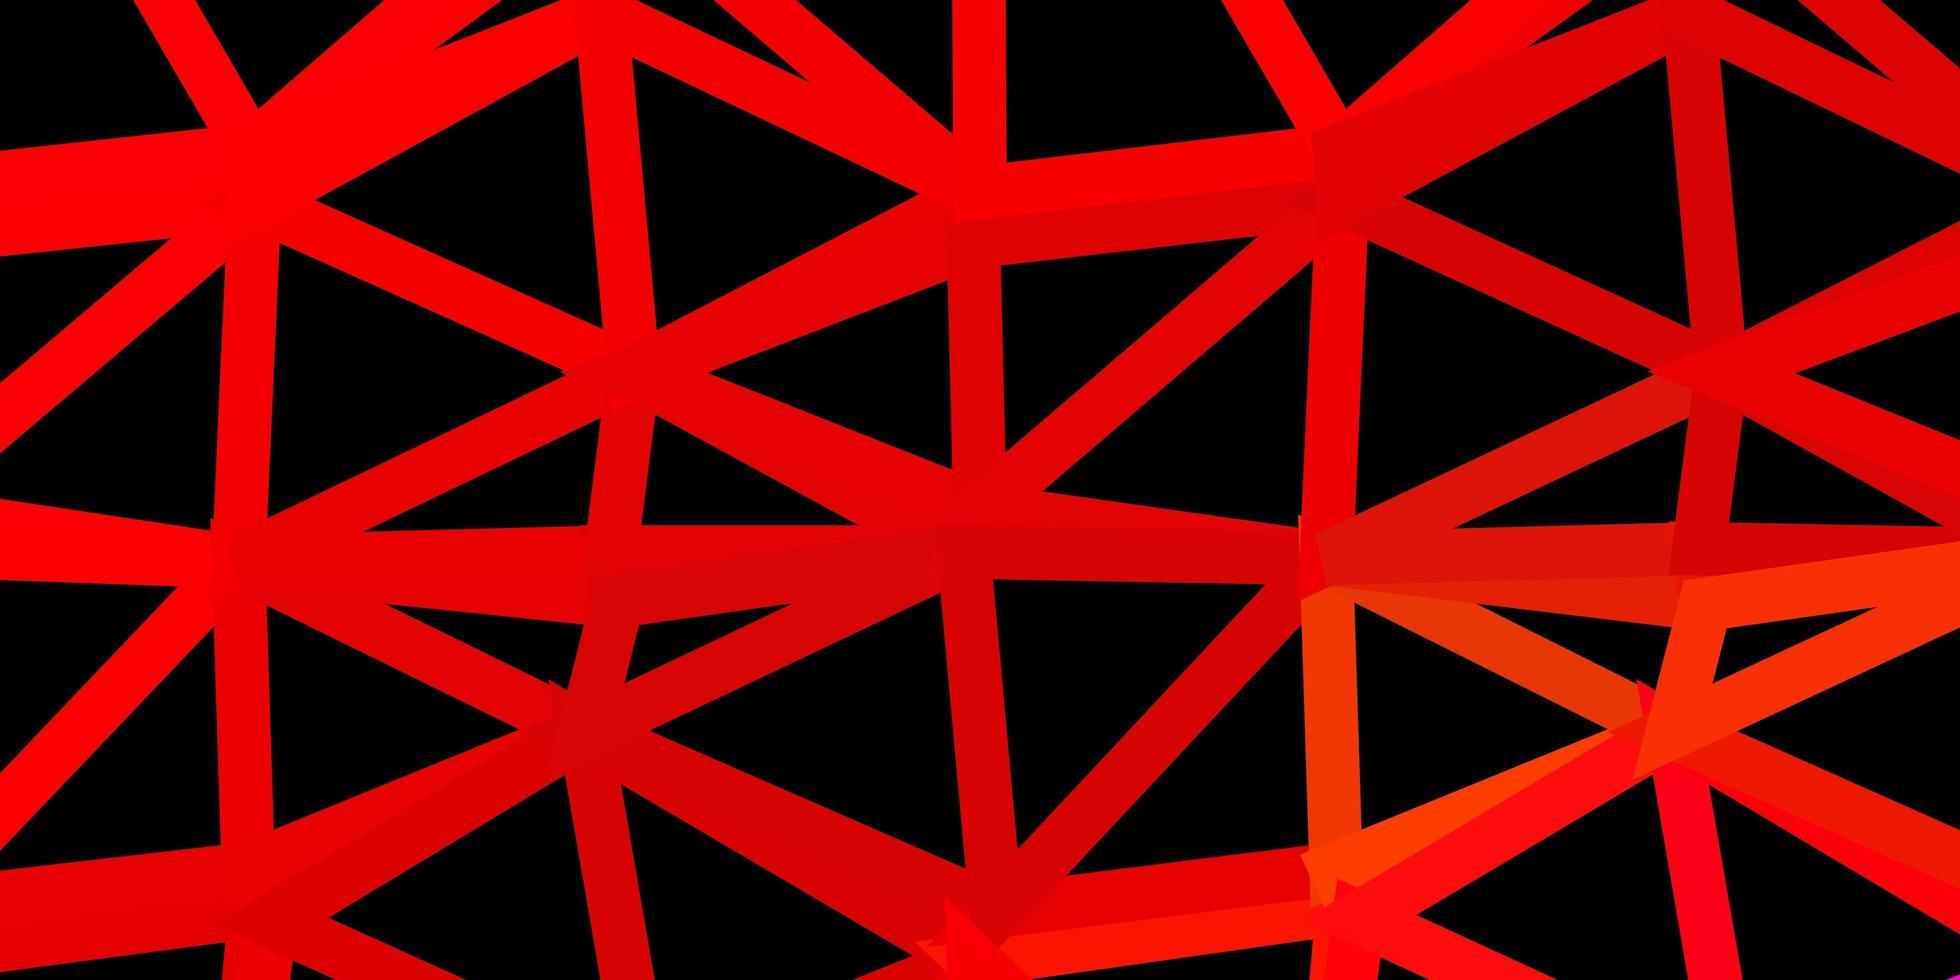 papel de parede polígono gradiente de vetor azul escuro e vermelho.